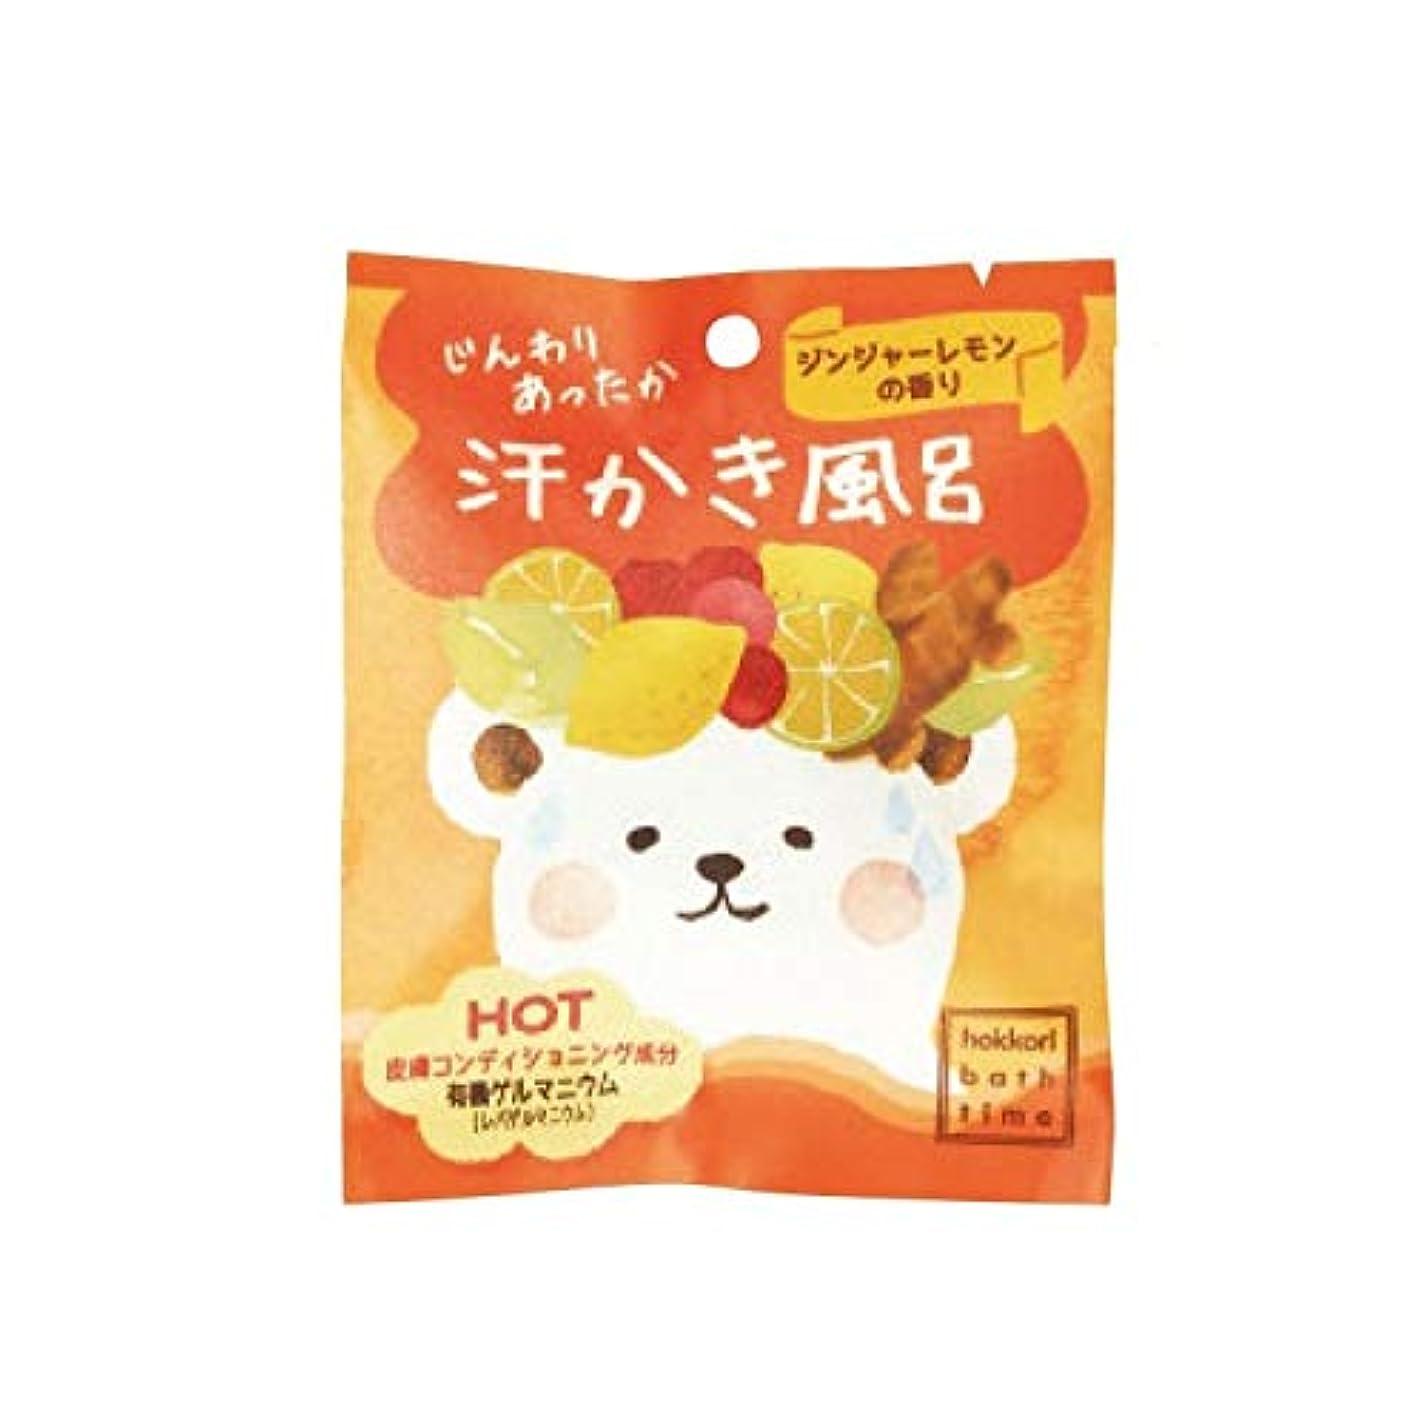 エンコミウム安定した蒸発ほっこりバスタイム 汗かき風呂 ジンジャーレモンの香り OB-HKR-1-2 ノルコーポレーション